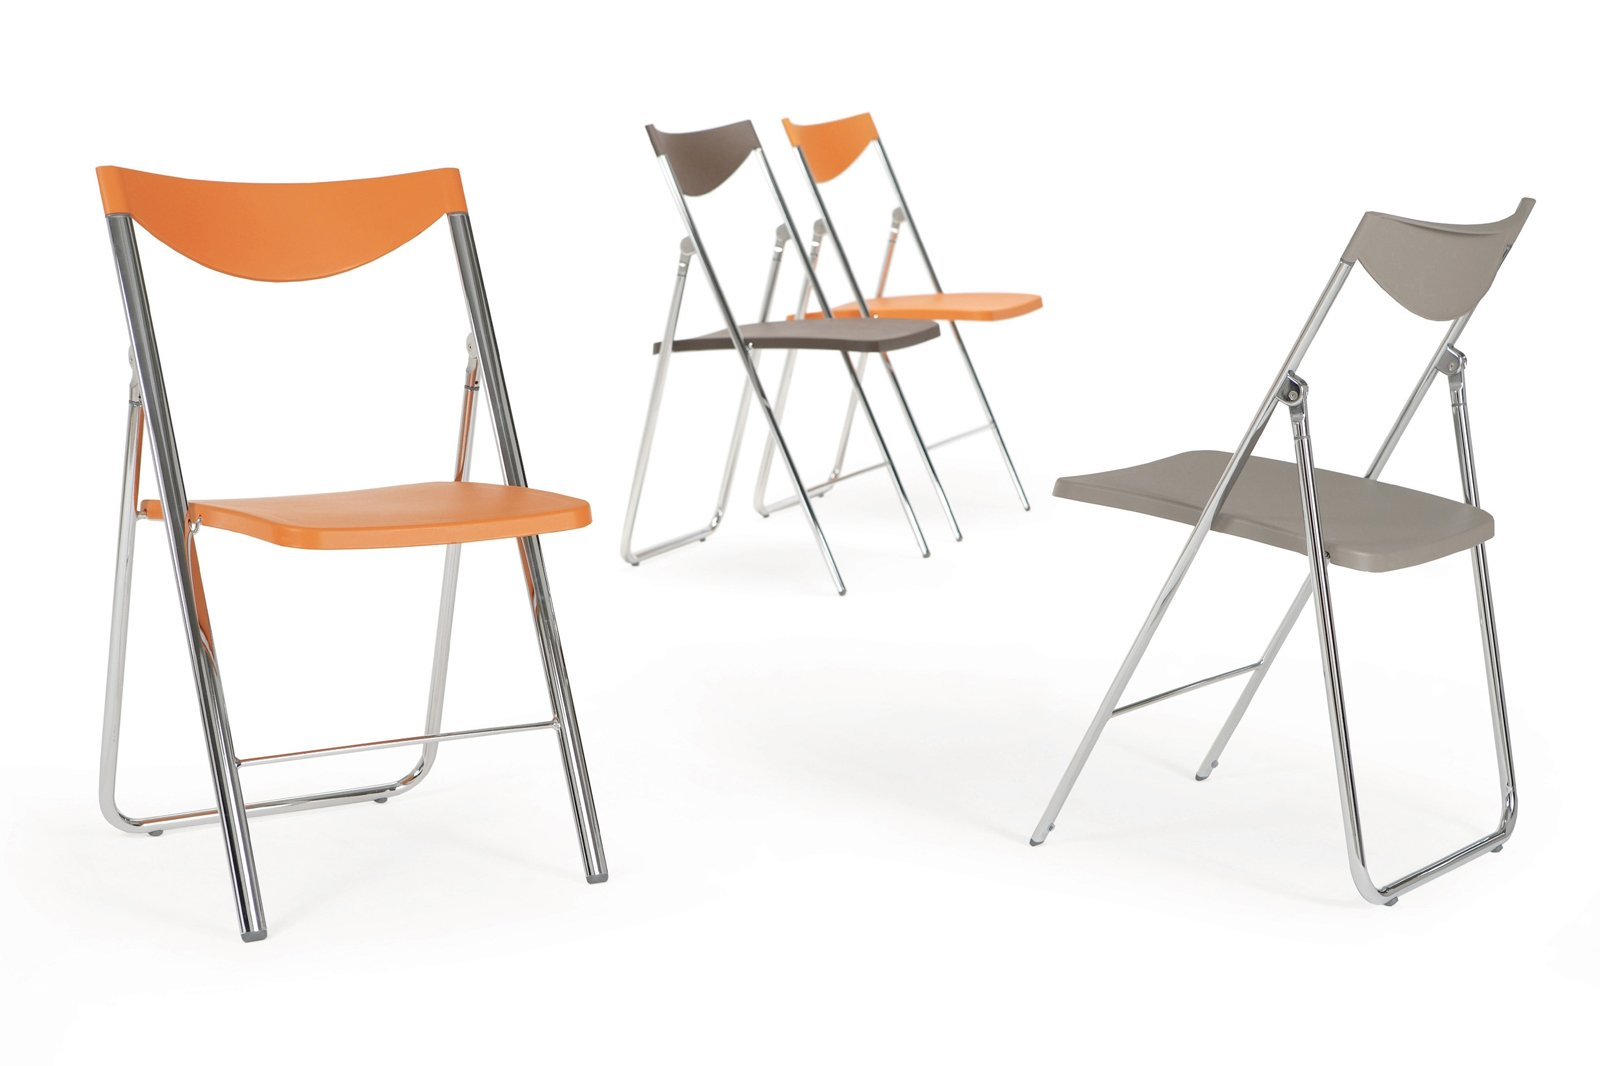 Sedie low cost. 15 modelli a meno di 100 euro - Cose di Casa